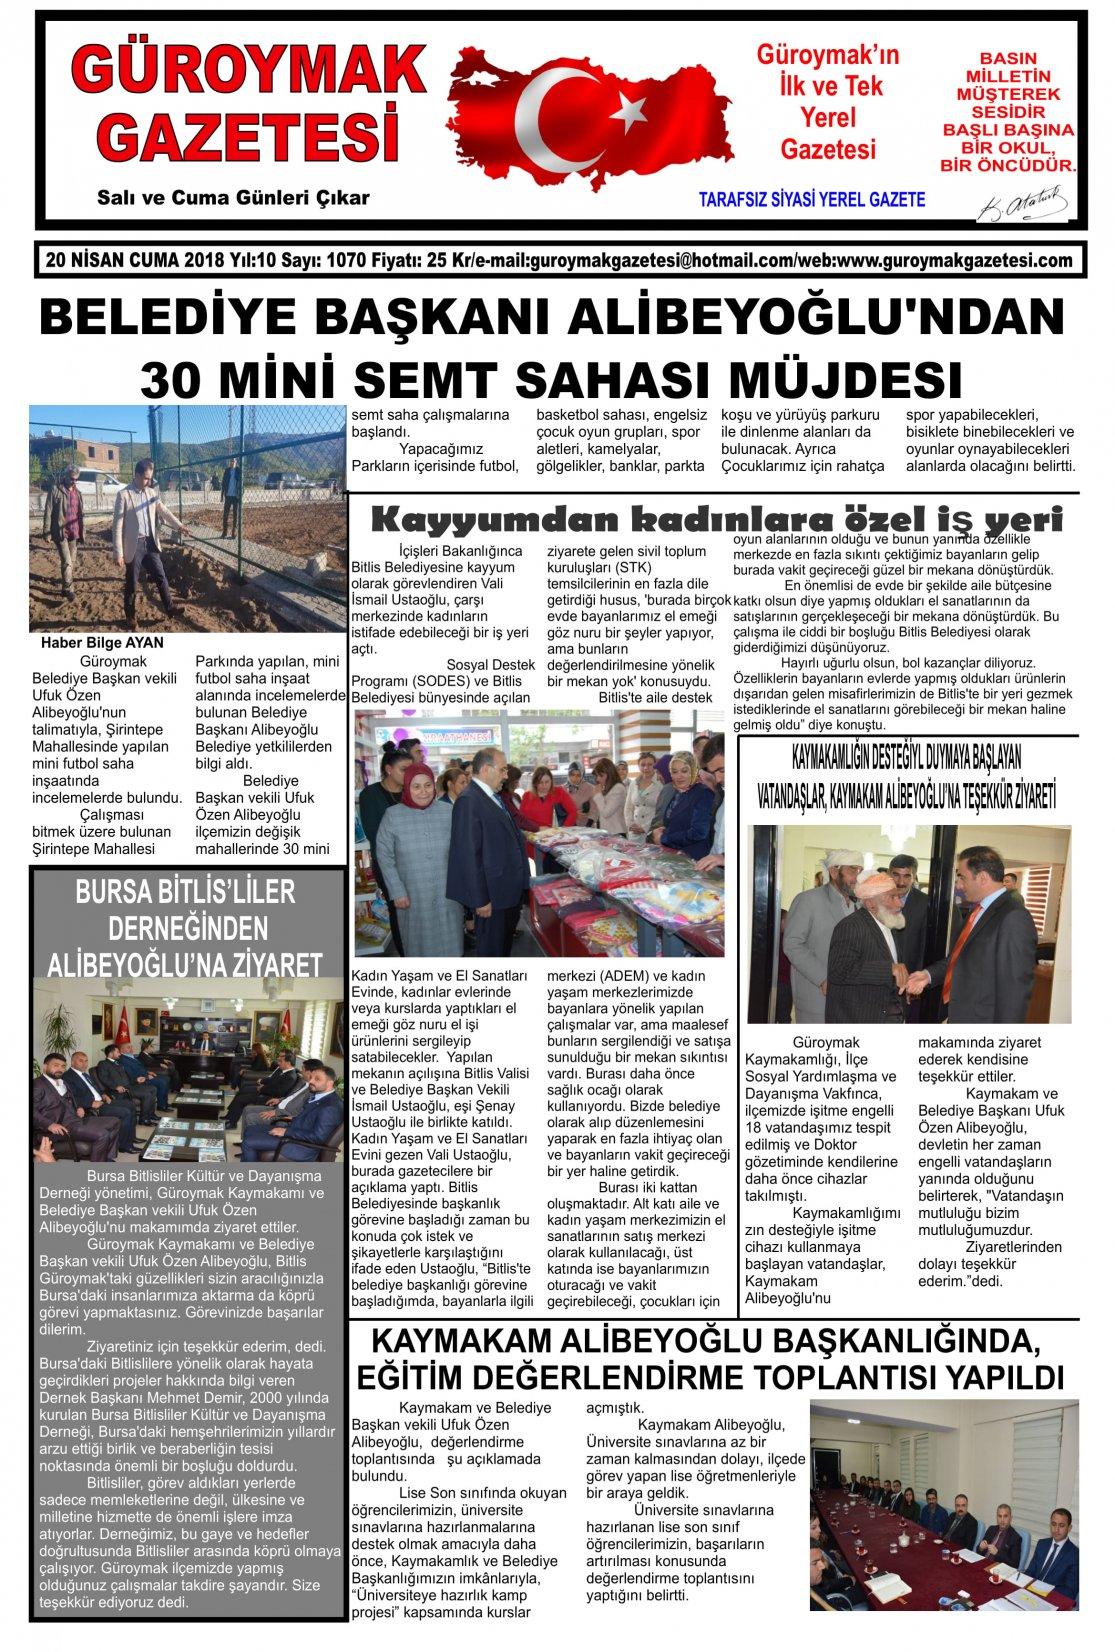 Güroymak Gazetesi 1-01.jpg Sayılı Gazete Küpürü